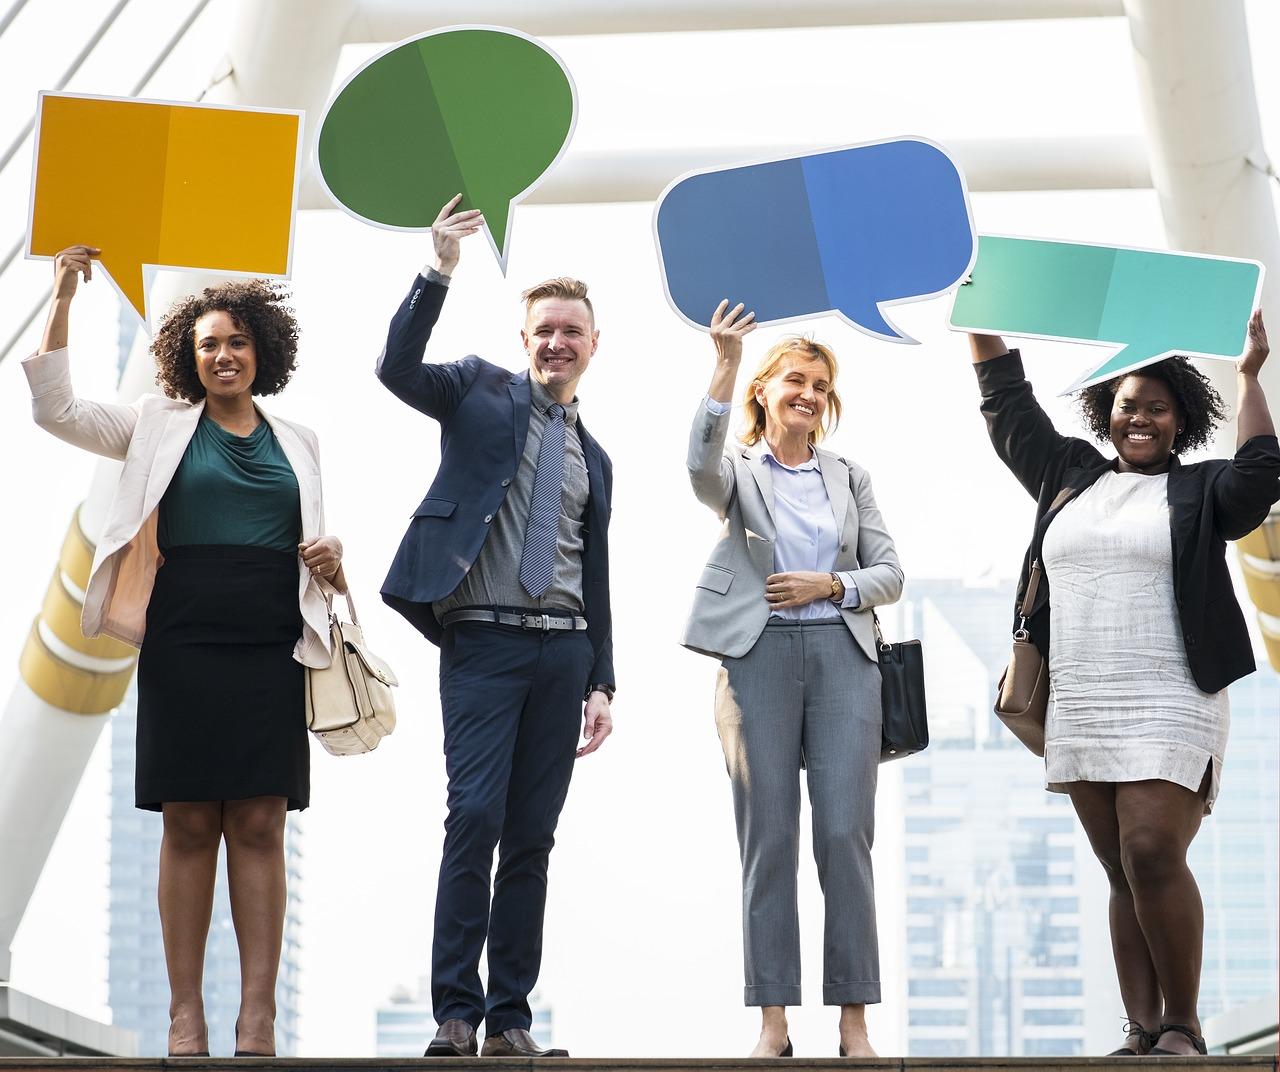 fyra personer som håller upp varsitt språkbubbla.